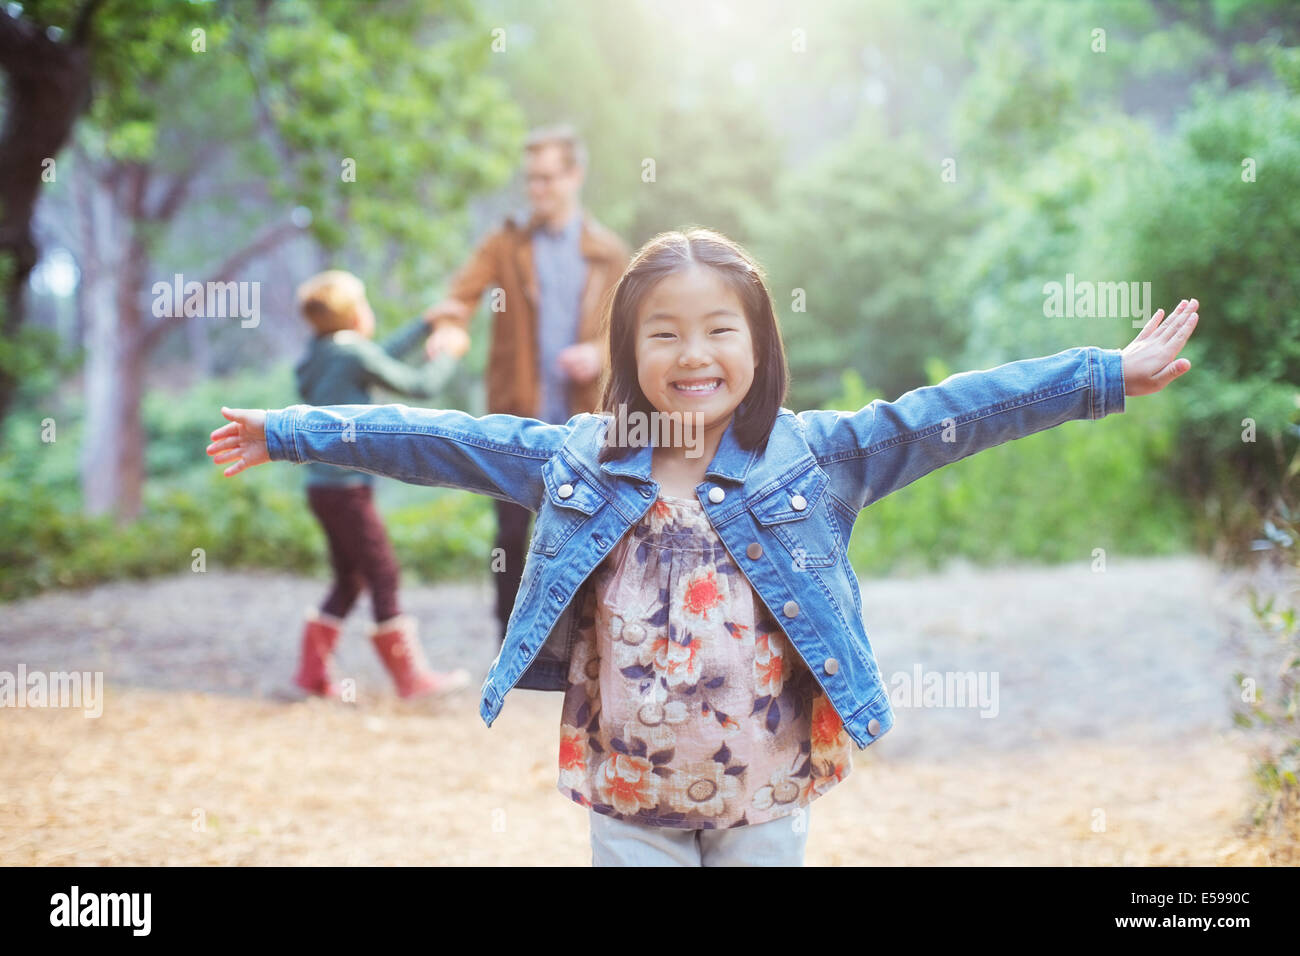 Chica aclamando en el bosque Imagen De Stock